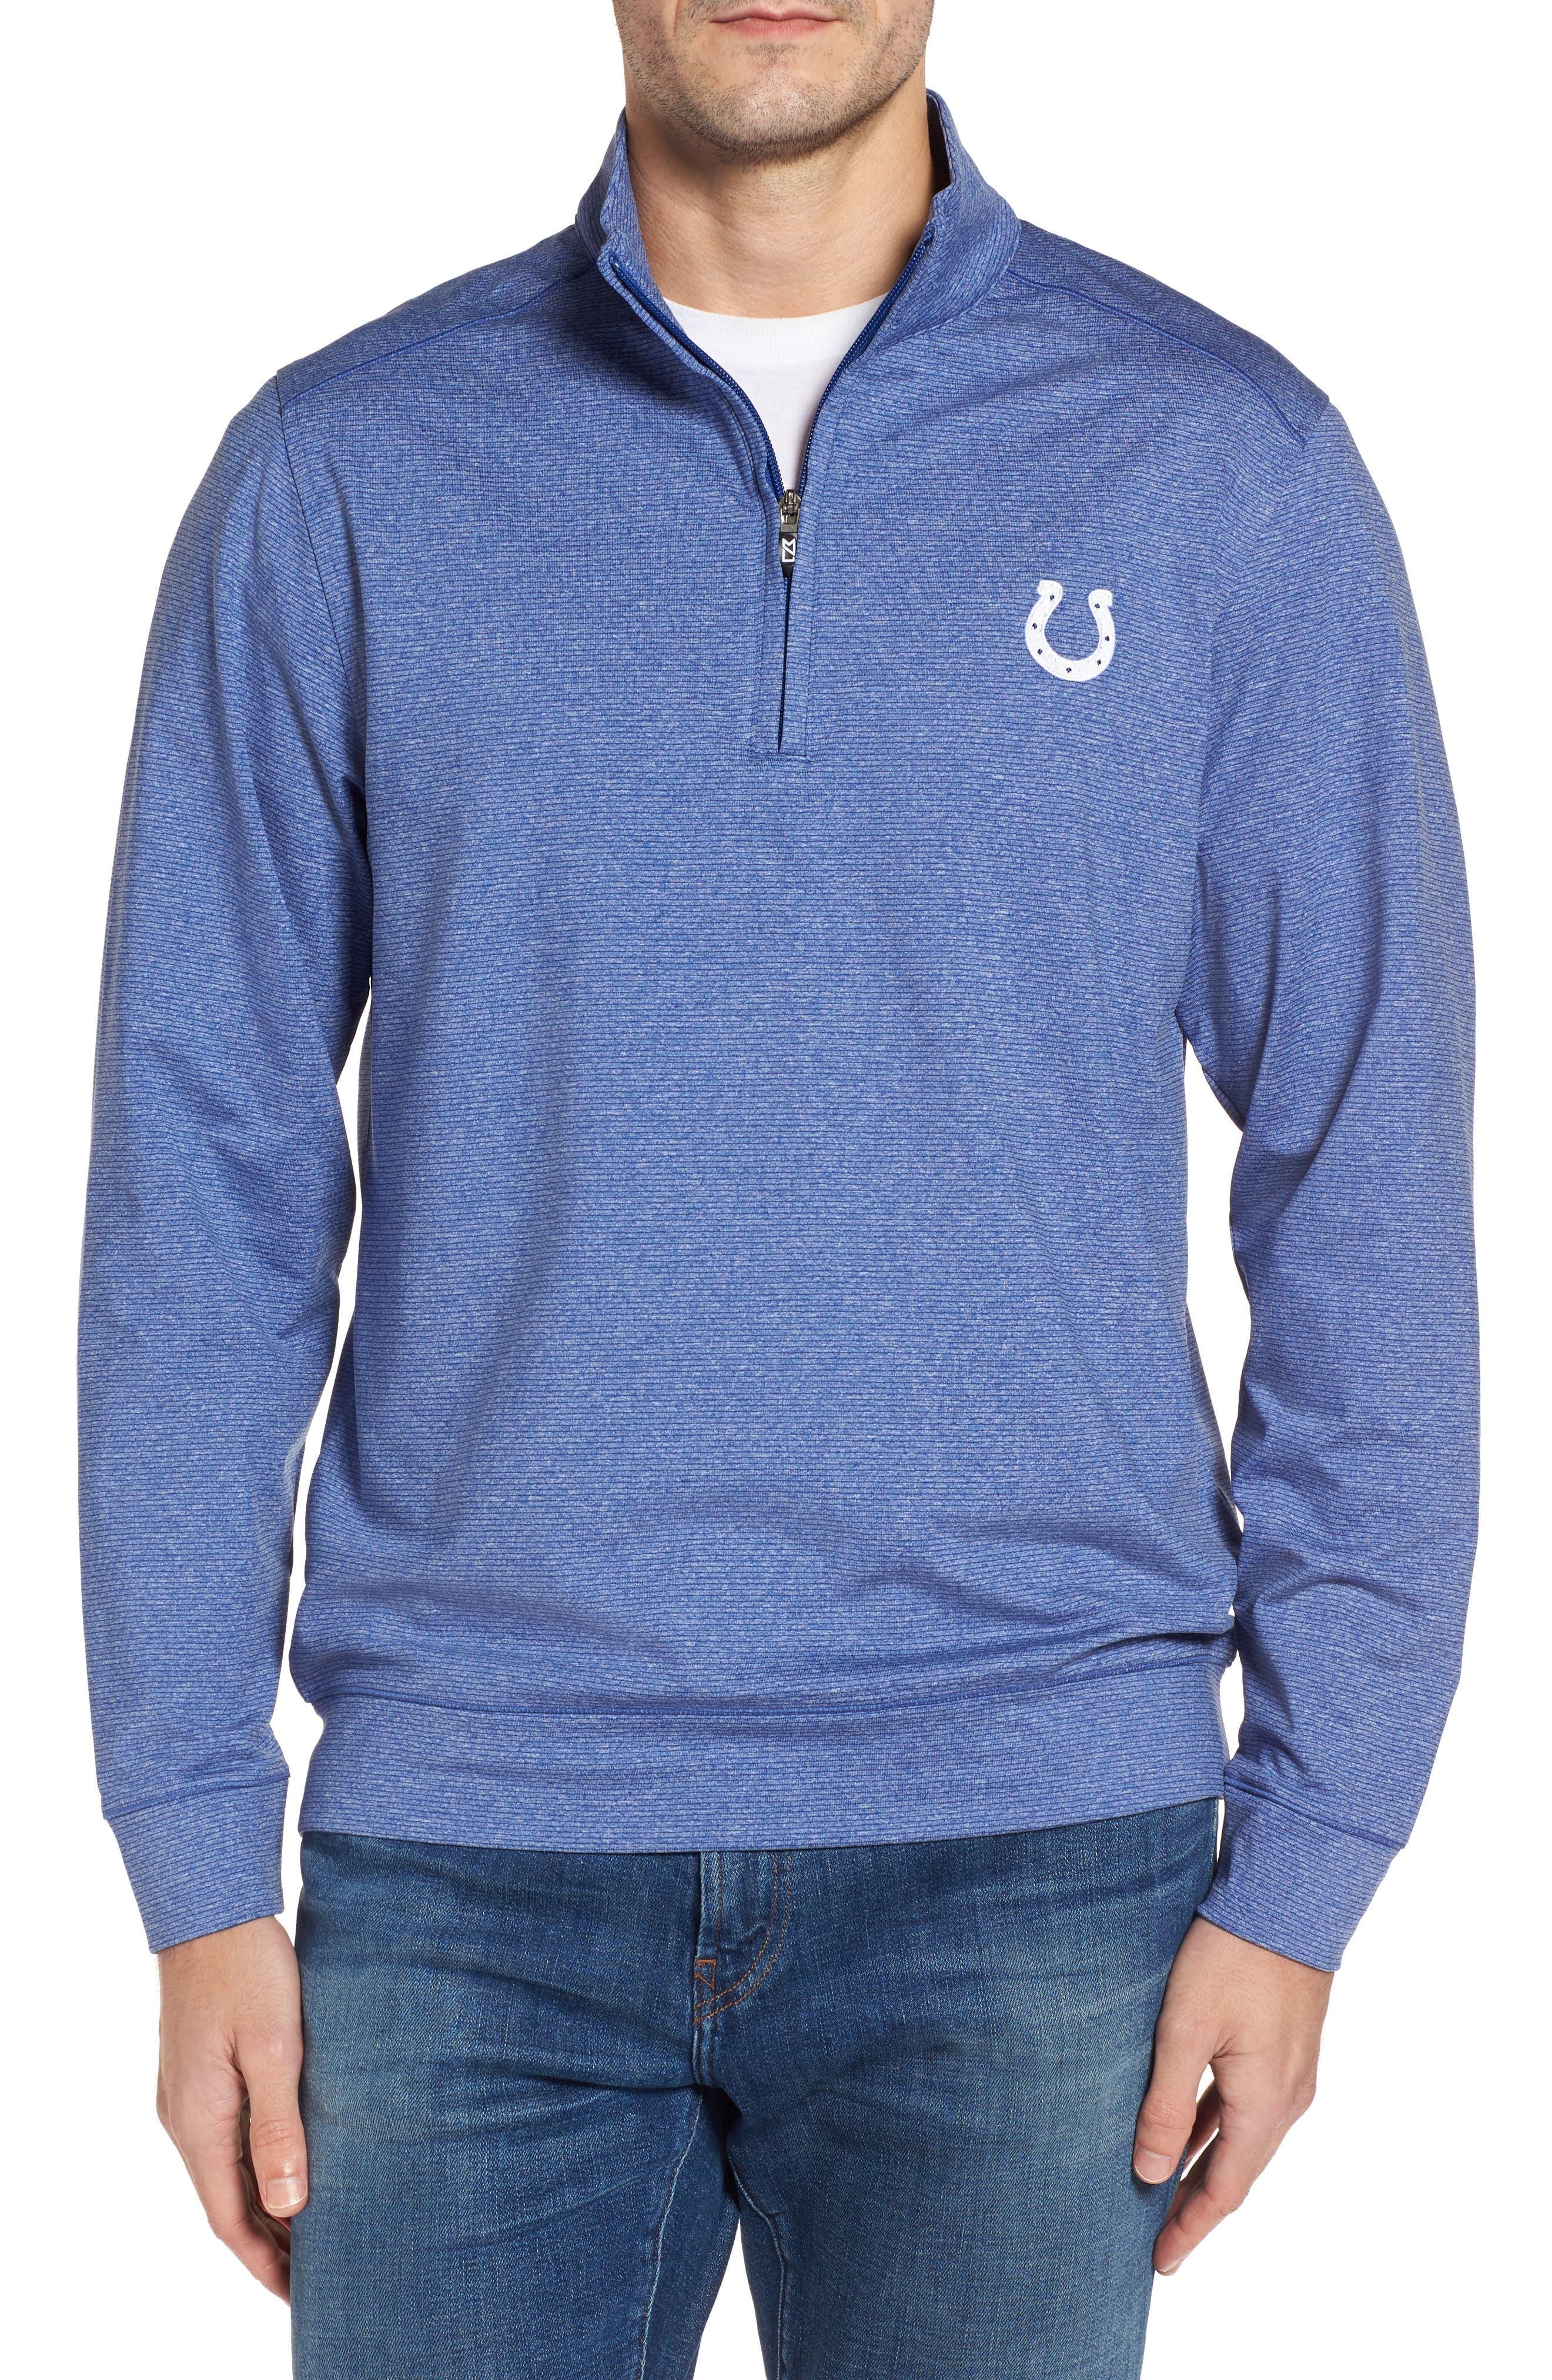 Shoreline - Indianapolis Colts Half Zip Pullover,                         Main,                         color,